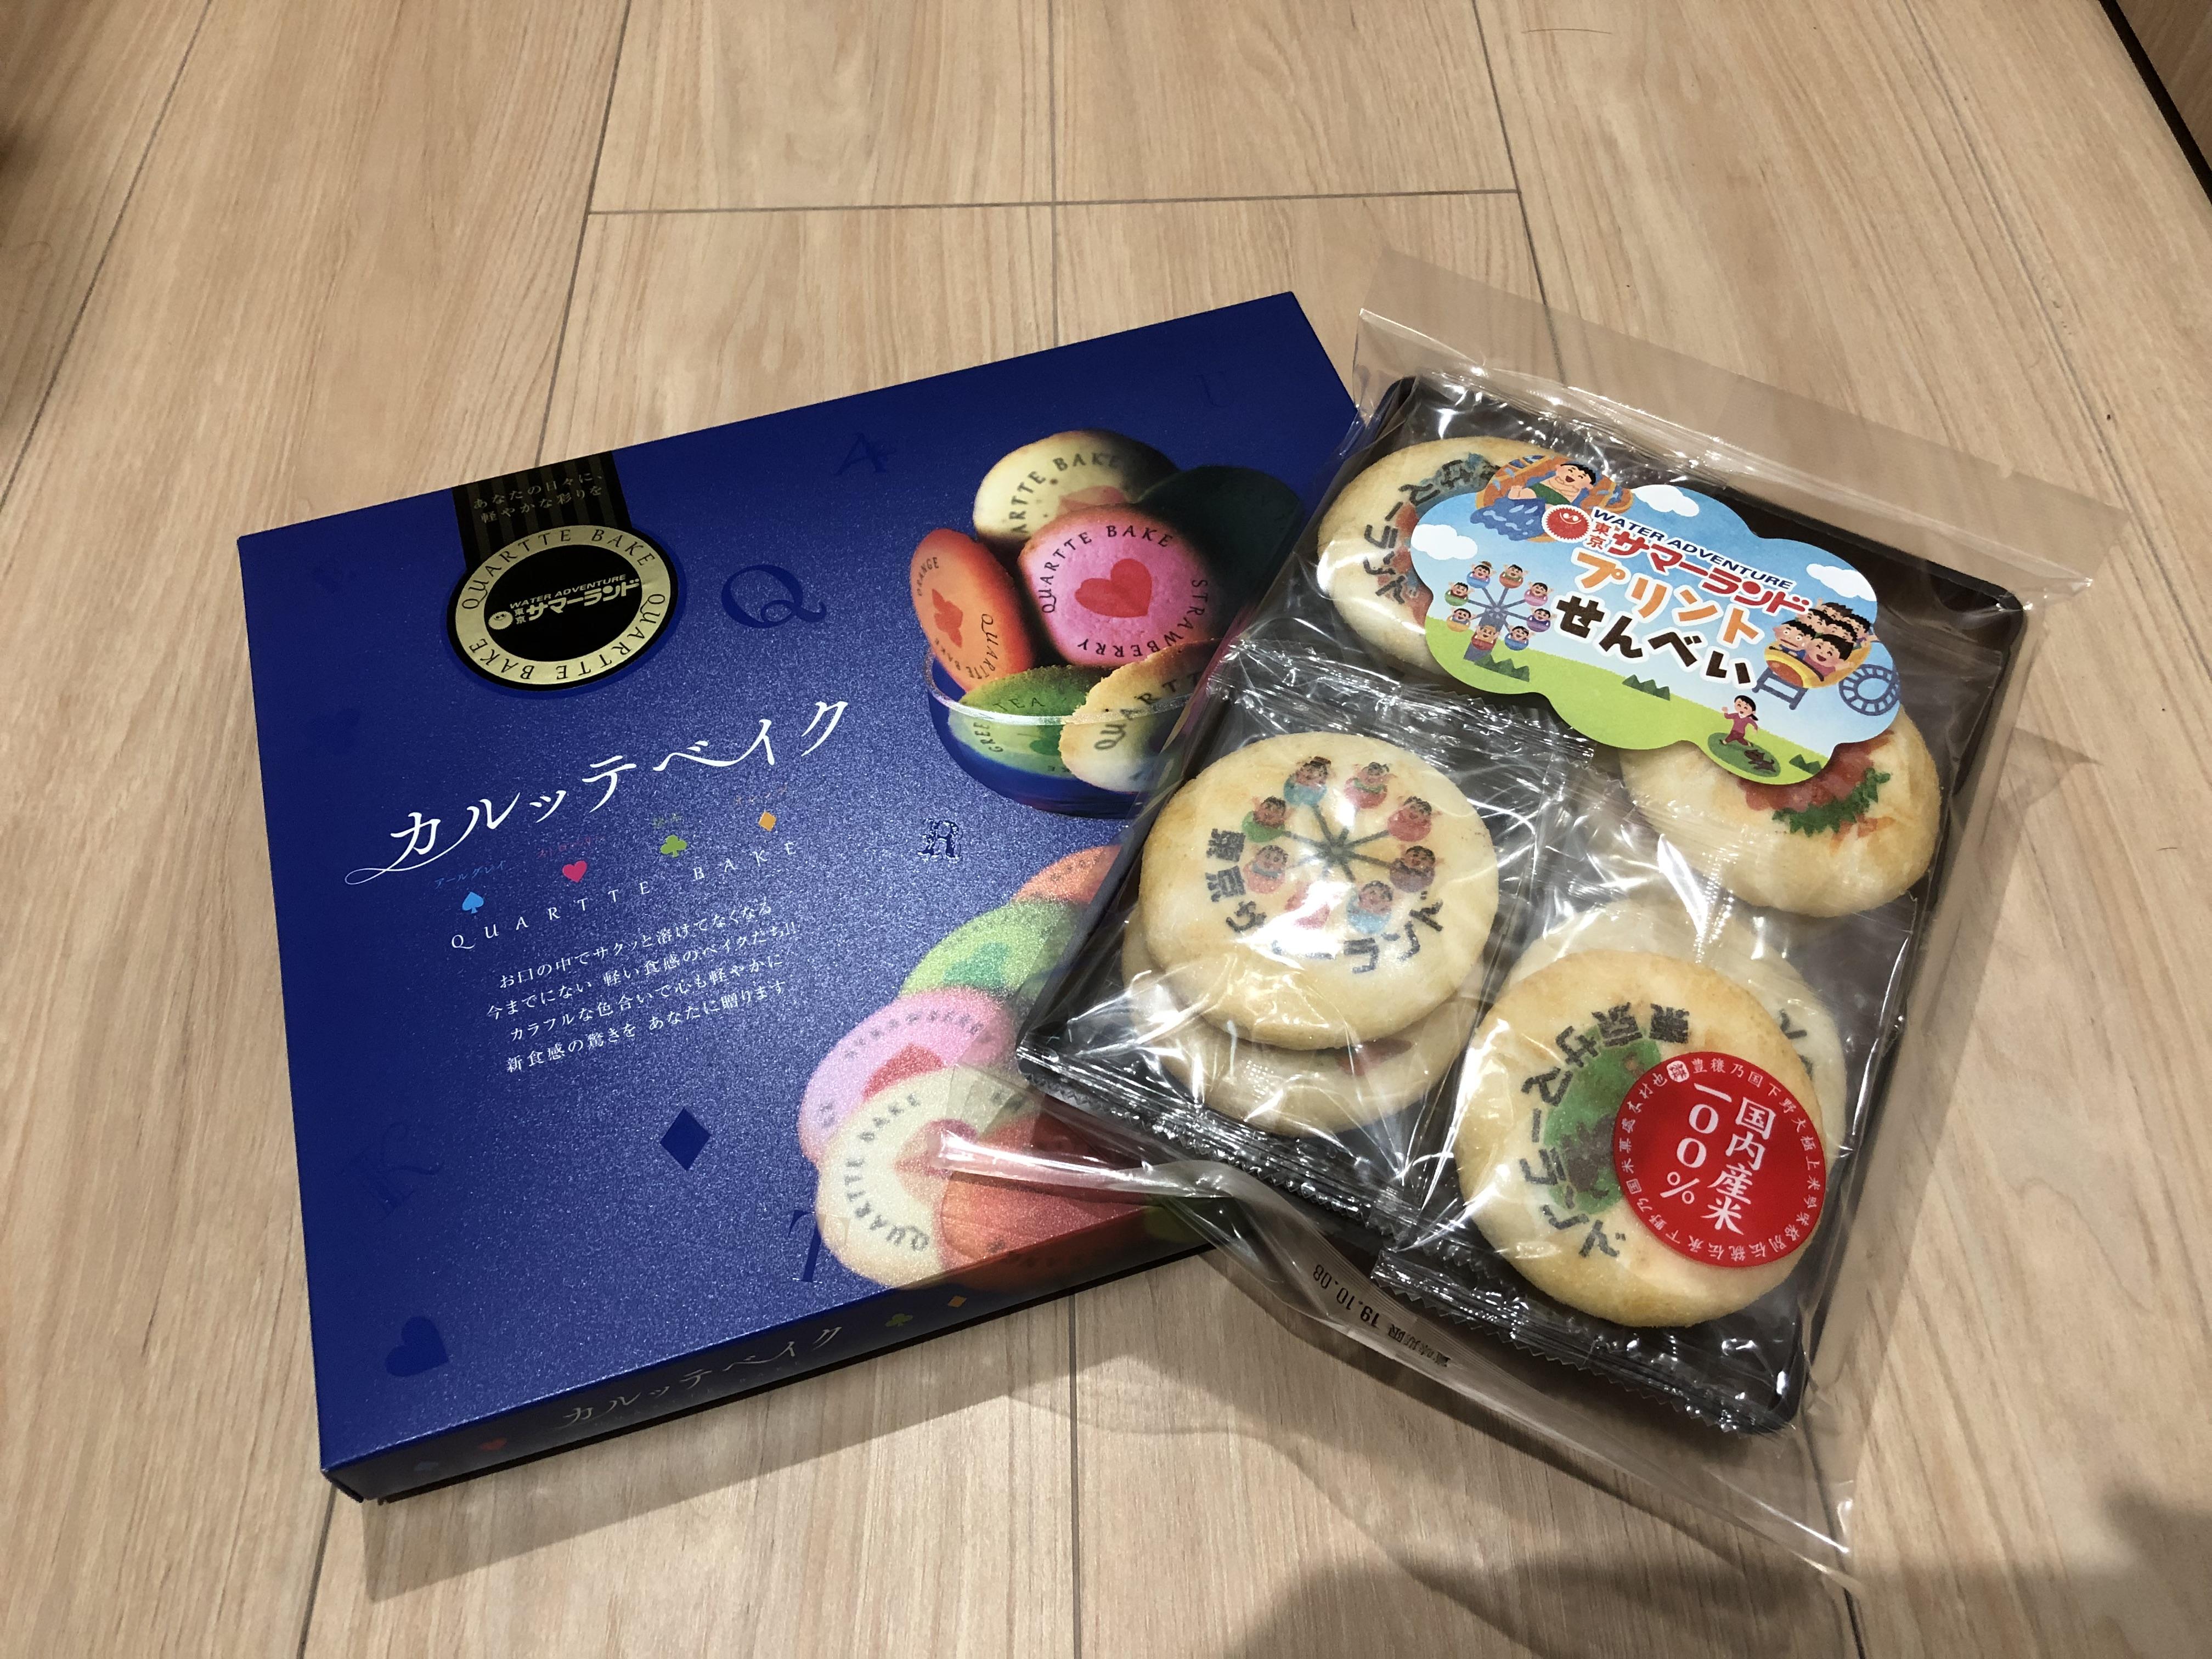 サマーランドのお土産に購入したせんべいとクッキー